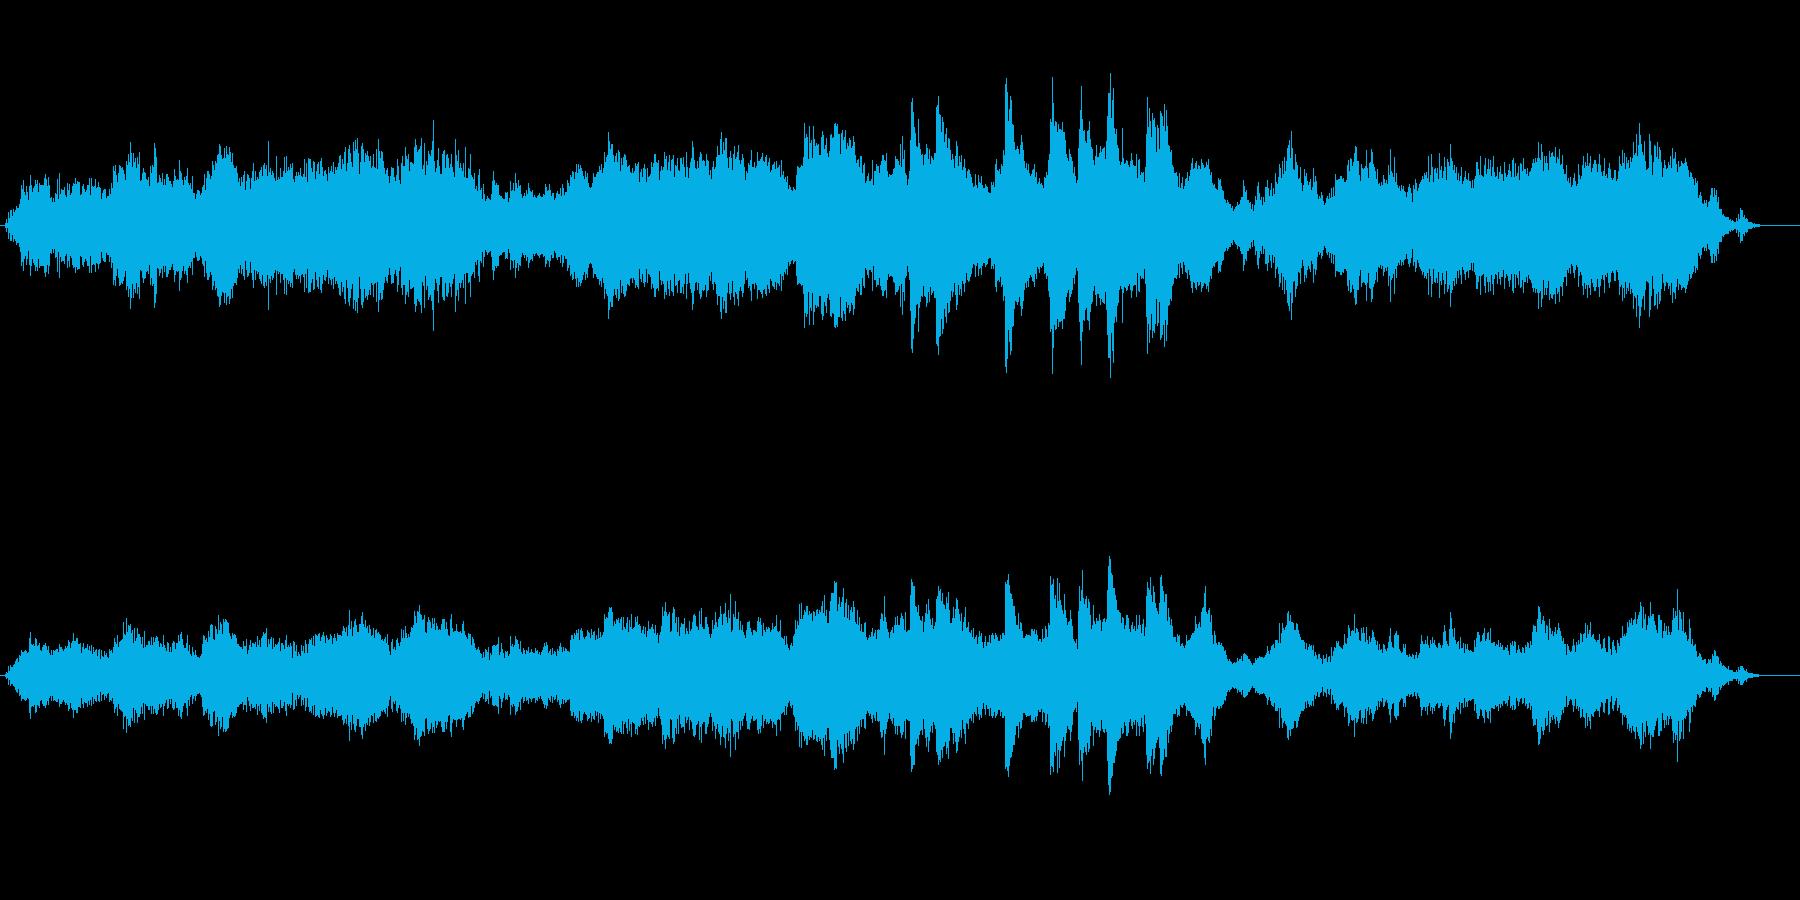 環境音楽(海中探索風)の再生済みの波形